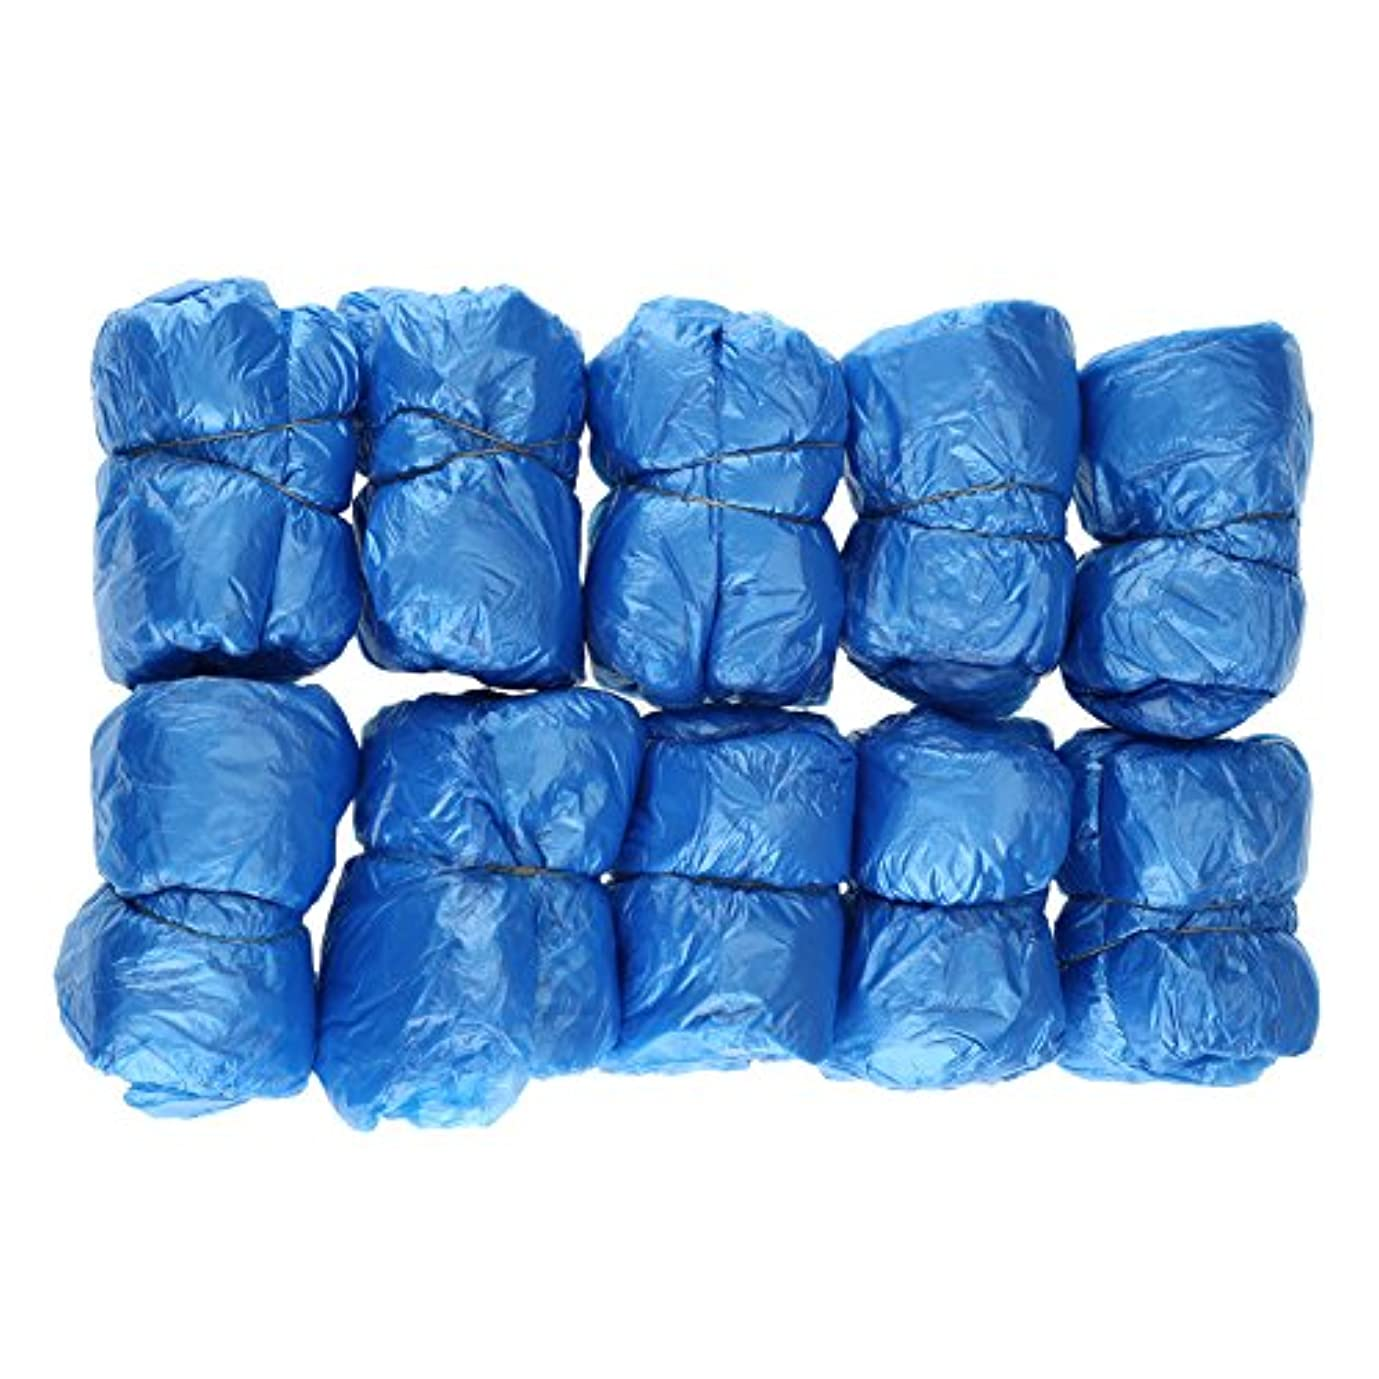 断片バイオリニスト怠な100枚入 使い捨て靴カバー シューズカバー 靴カバー サイズフリー簡単 便利 衛生 家庭用品 ブルー